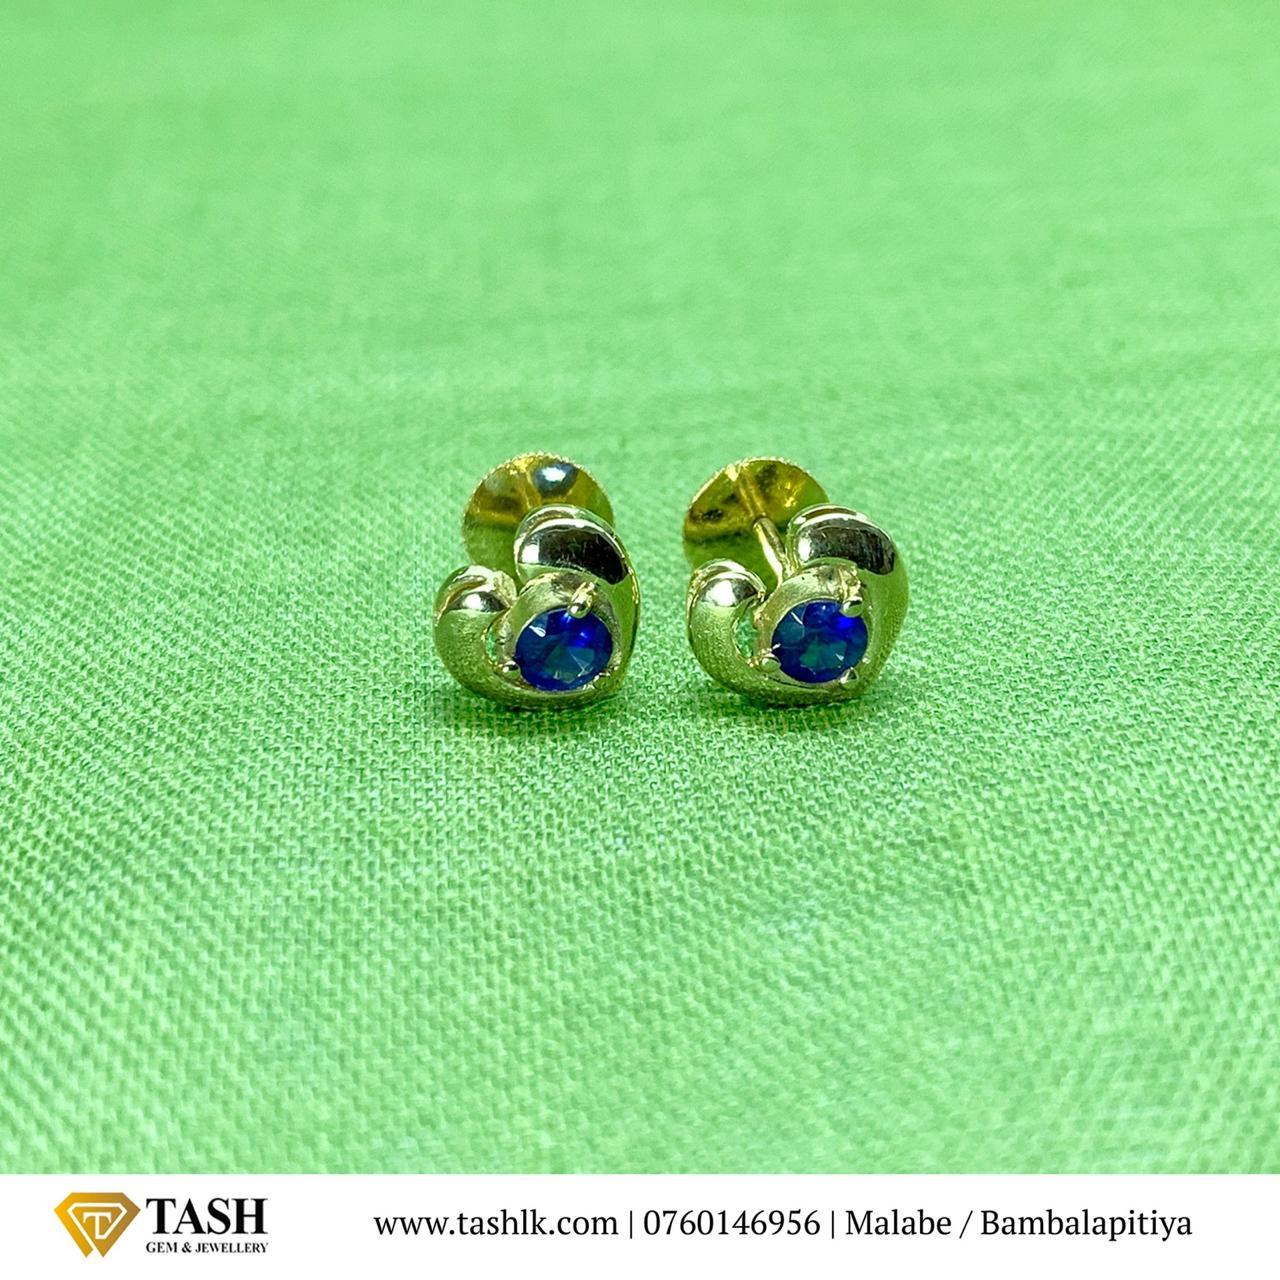 Blue Sapphire Ear Studs in 22k Gold